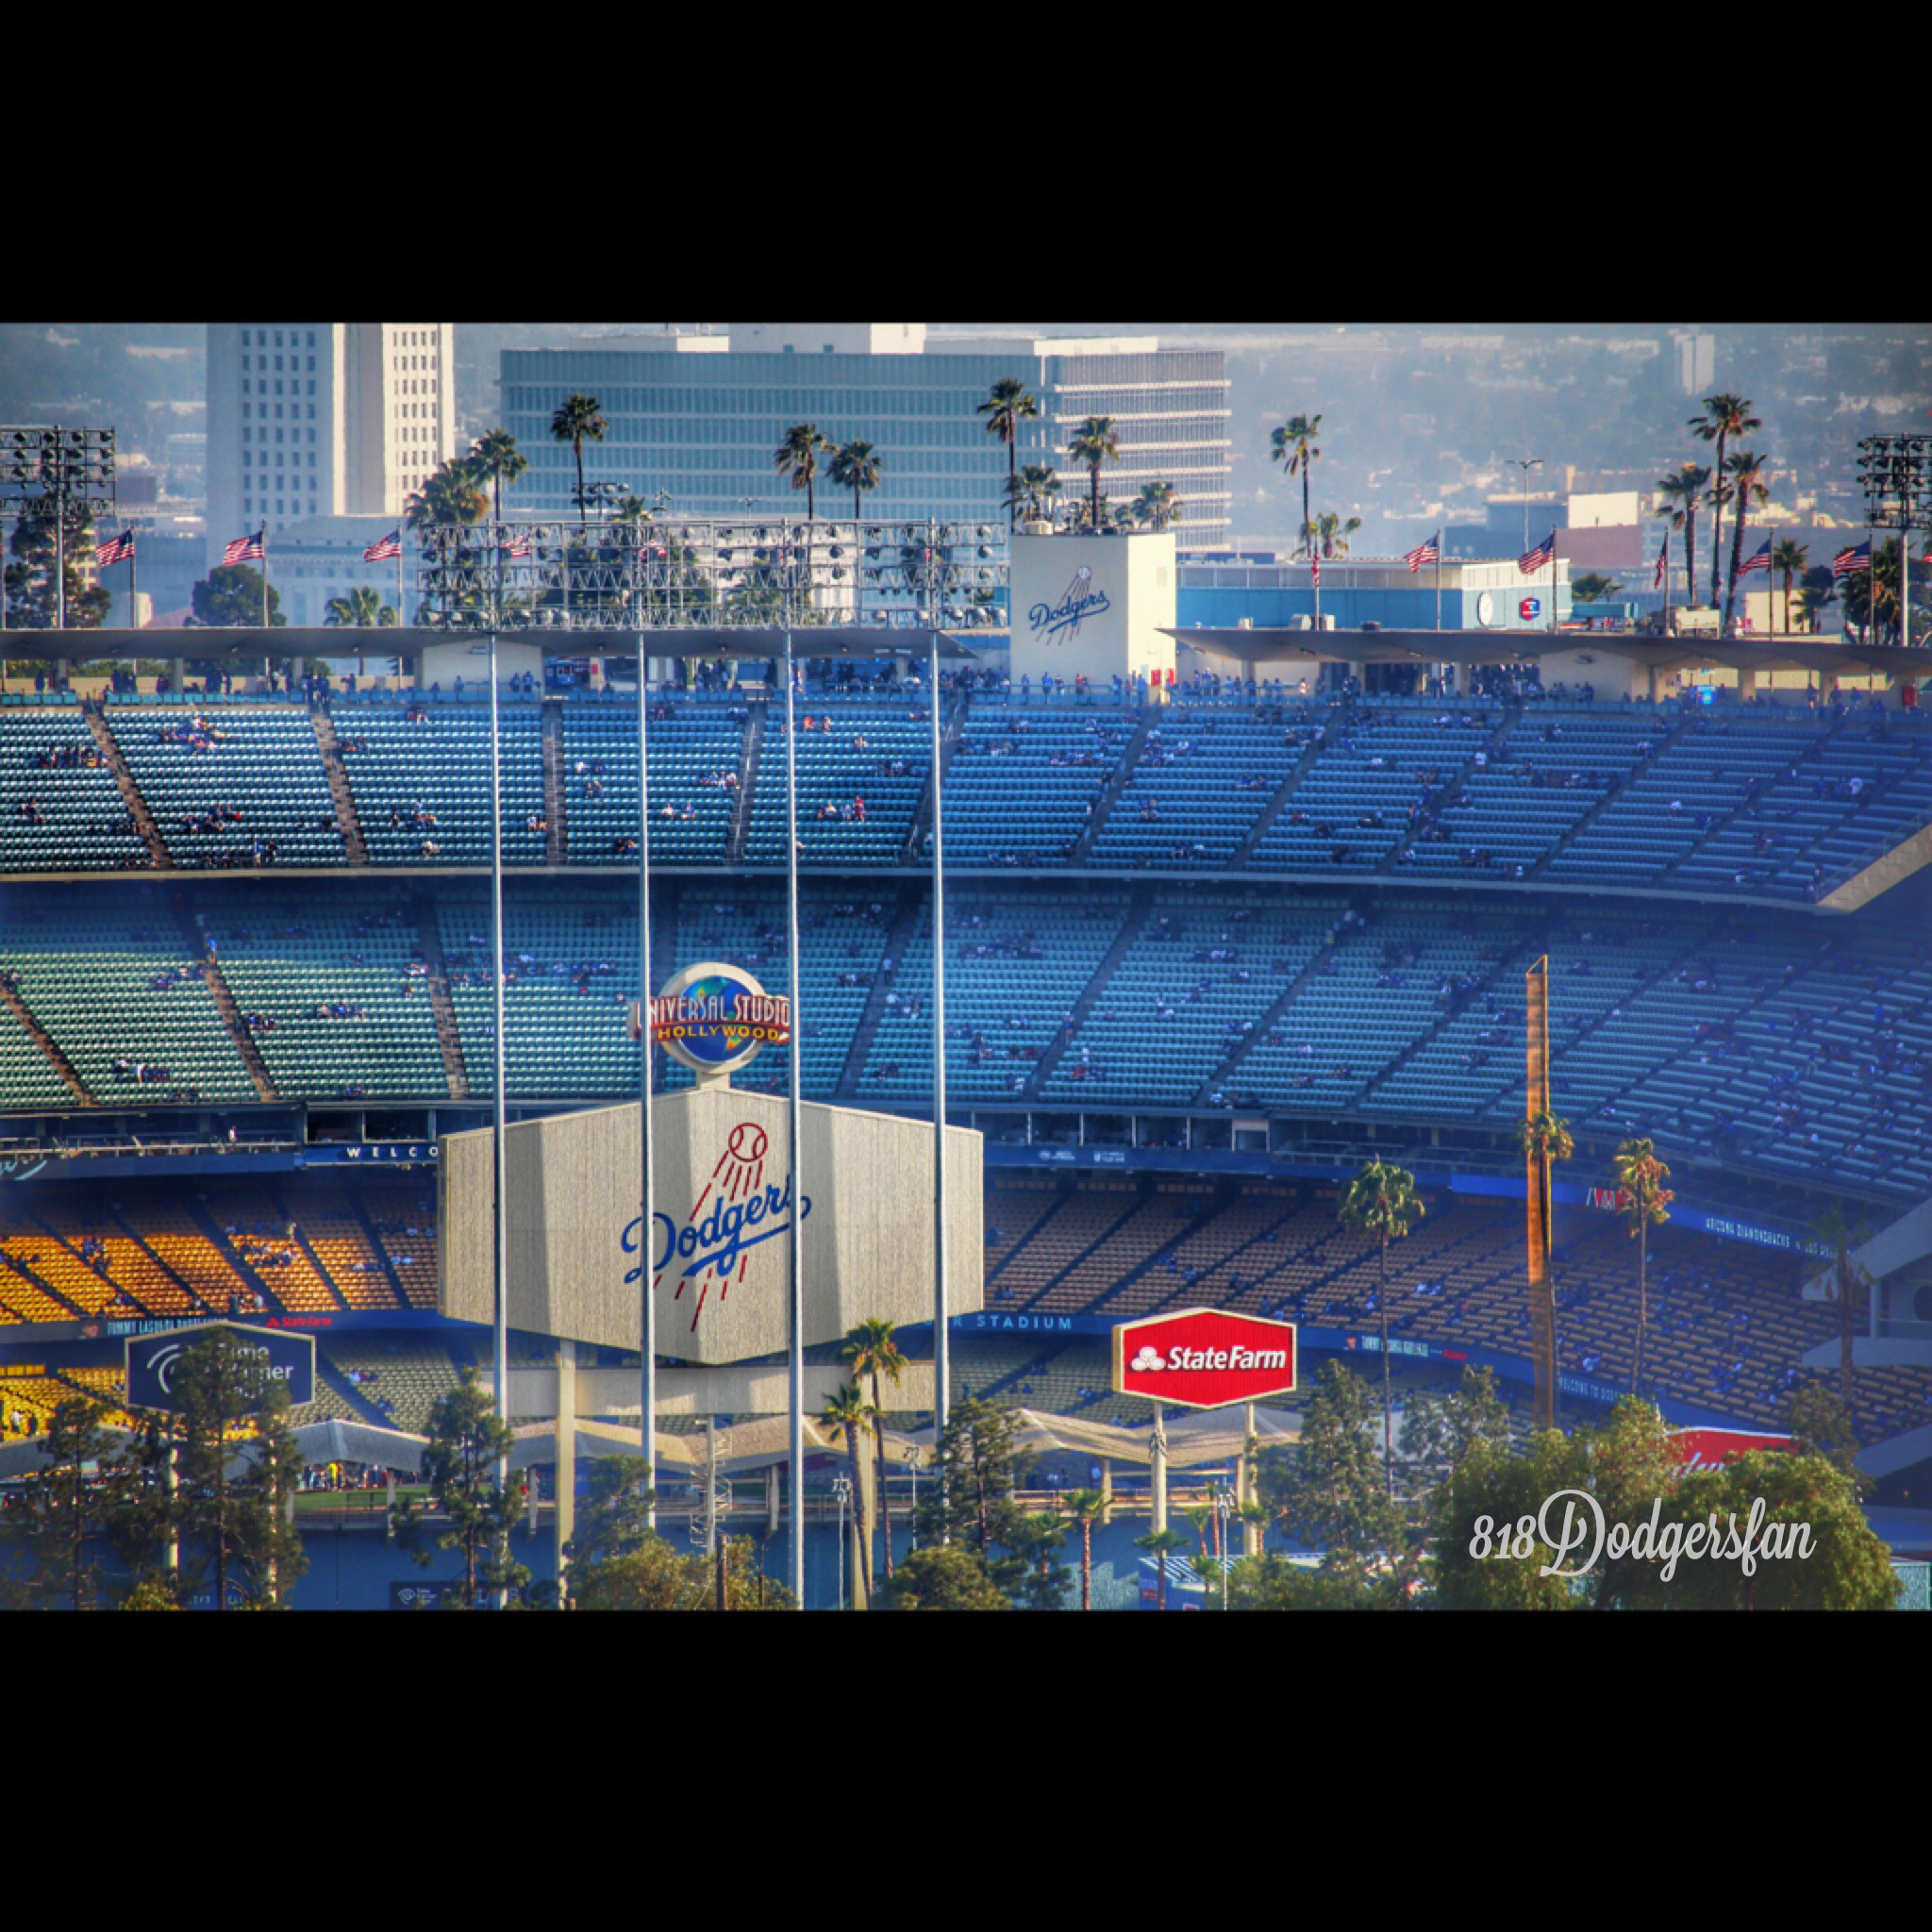 Dodgers Stadium Wallpaper (69+ images)